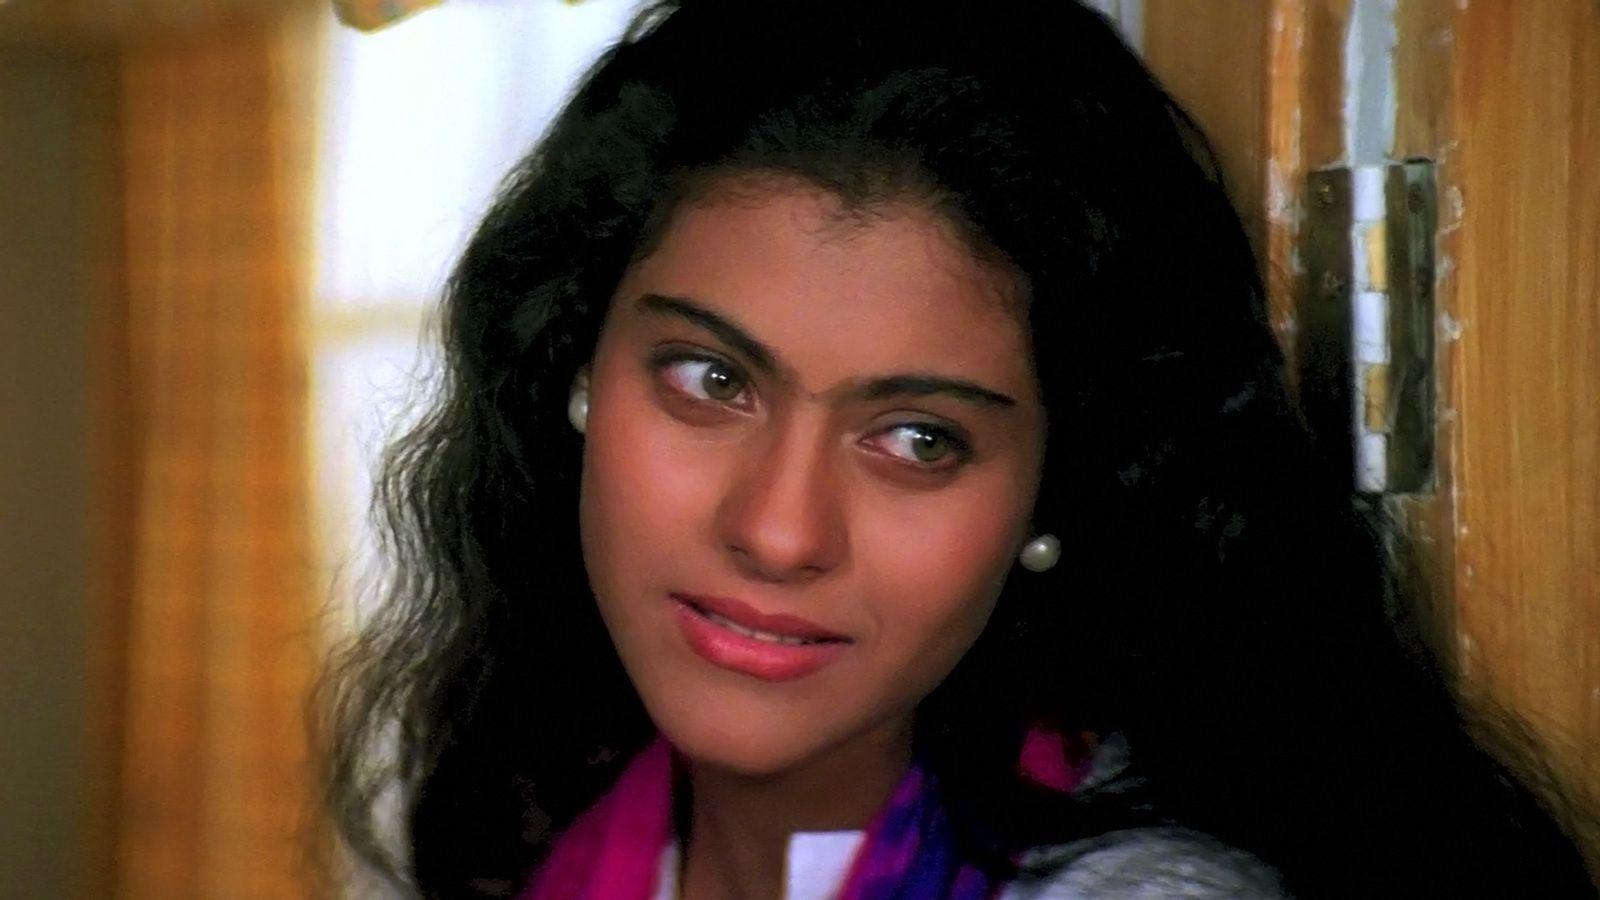 Simran ( personnage de << Dilwale Dulhania Le Jayenge >> ( 1995 ) )  qui est interprété par l'actrice Kajol.